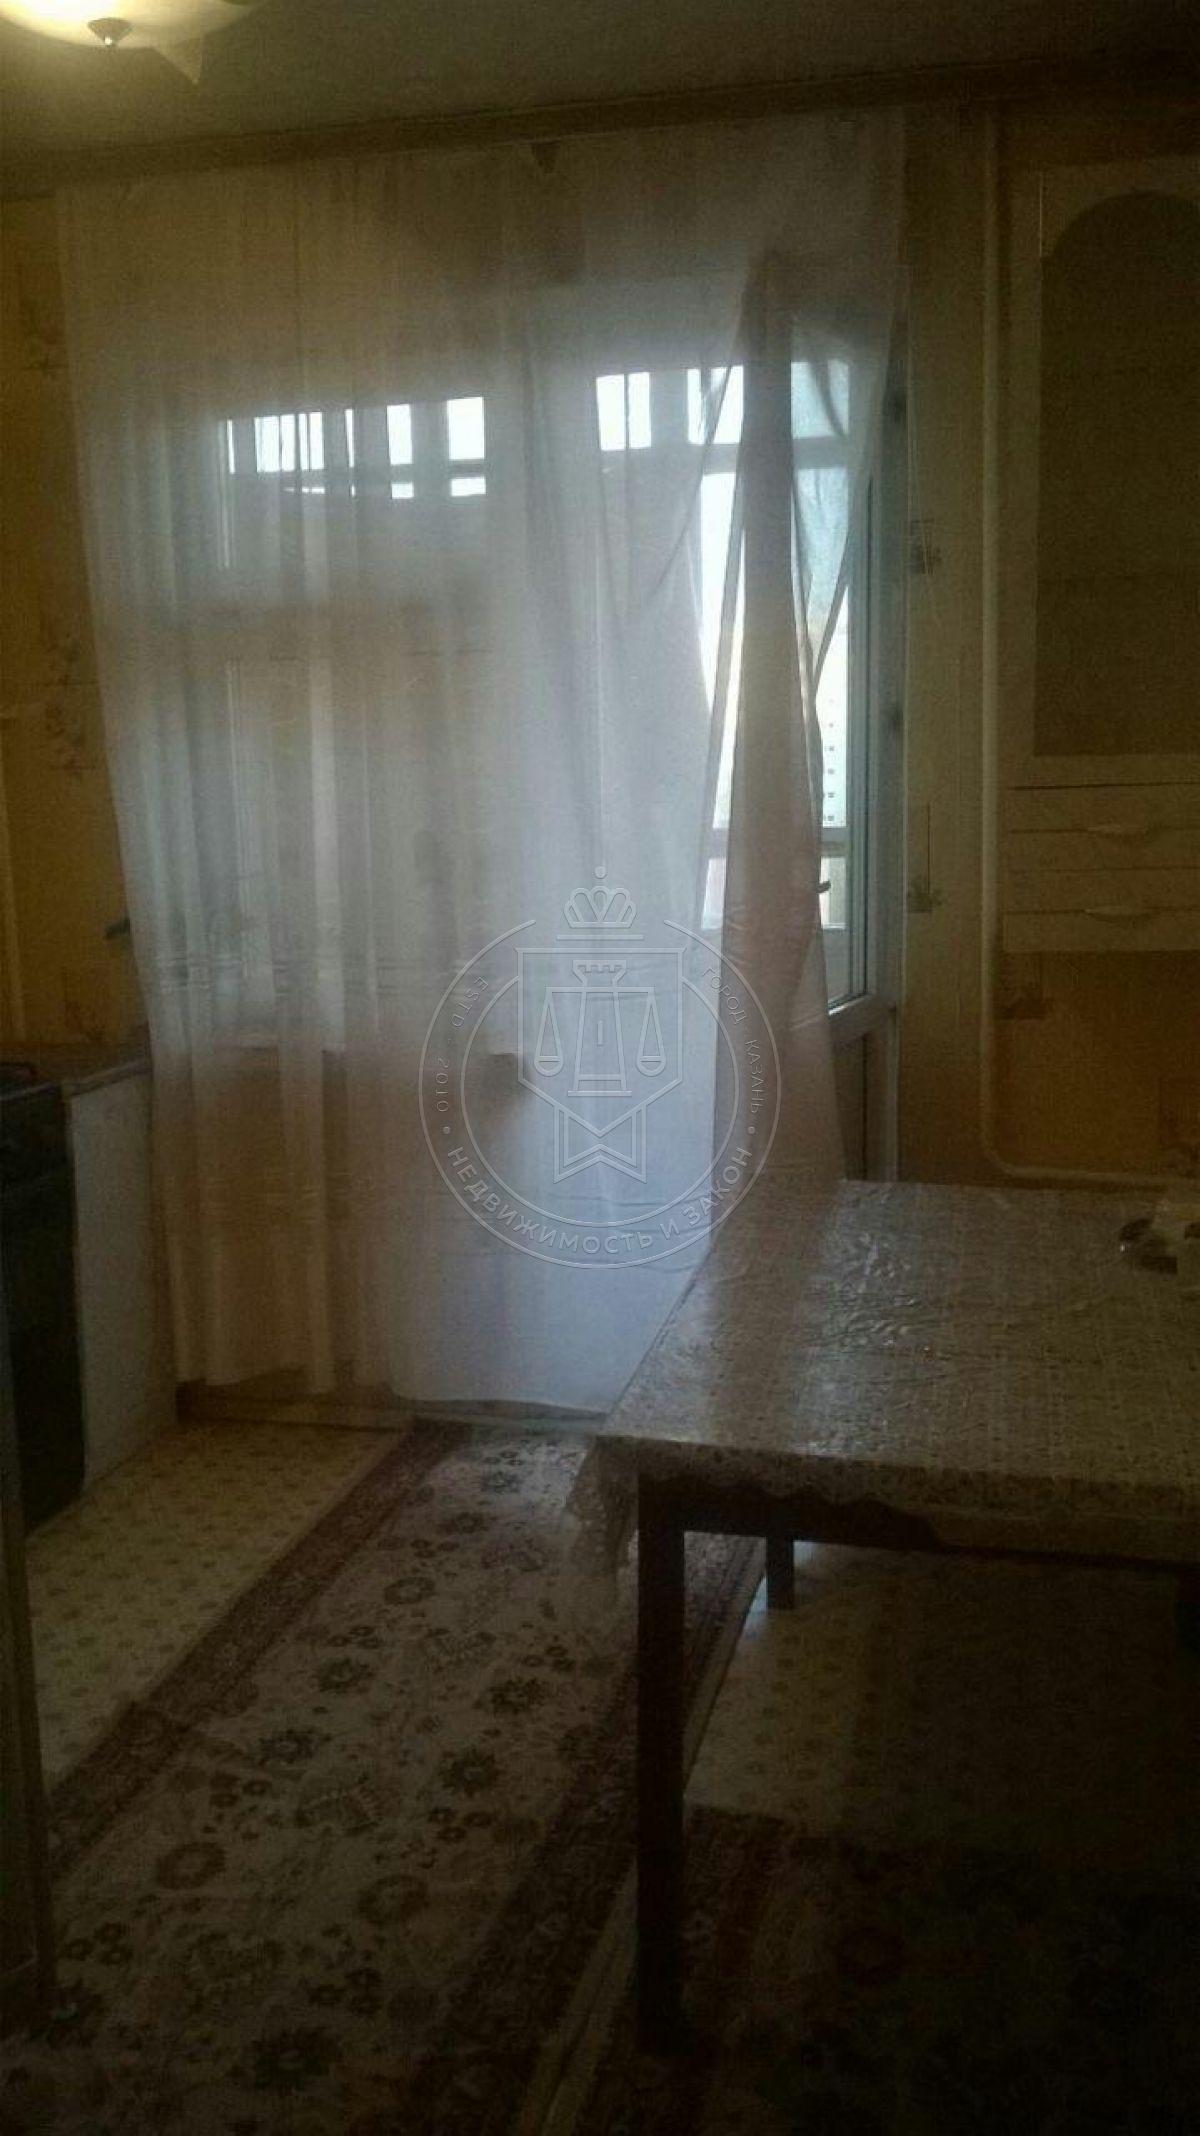 1-к квартира, 33 м², 5/9 эт., ул Четаева, 66 (миниатюра №1)